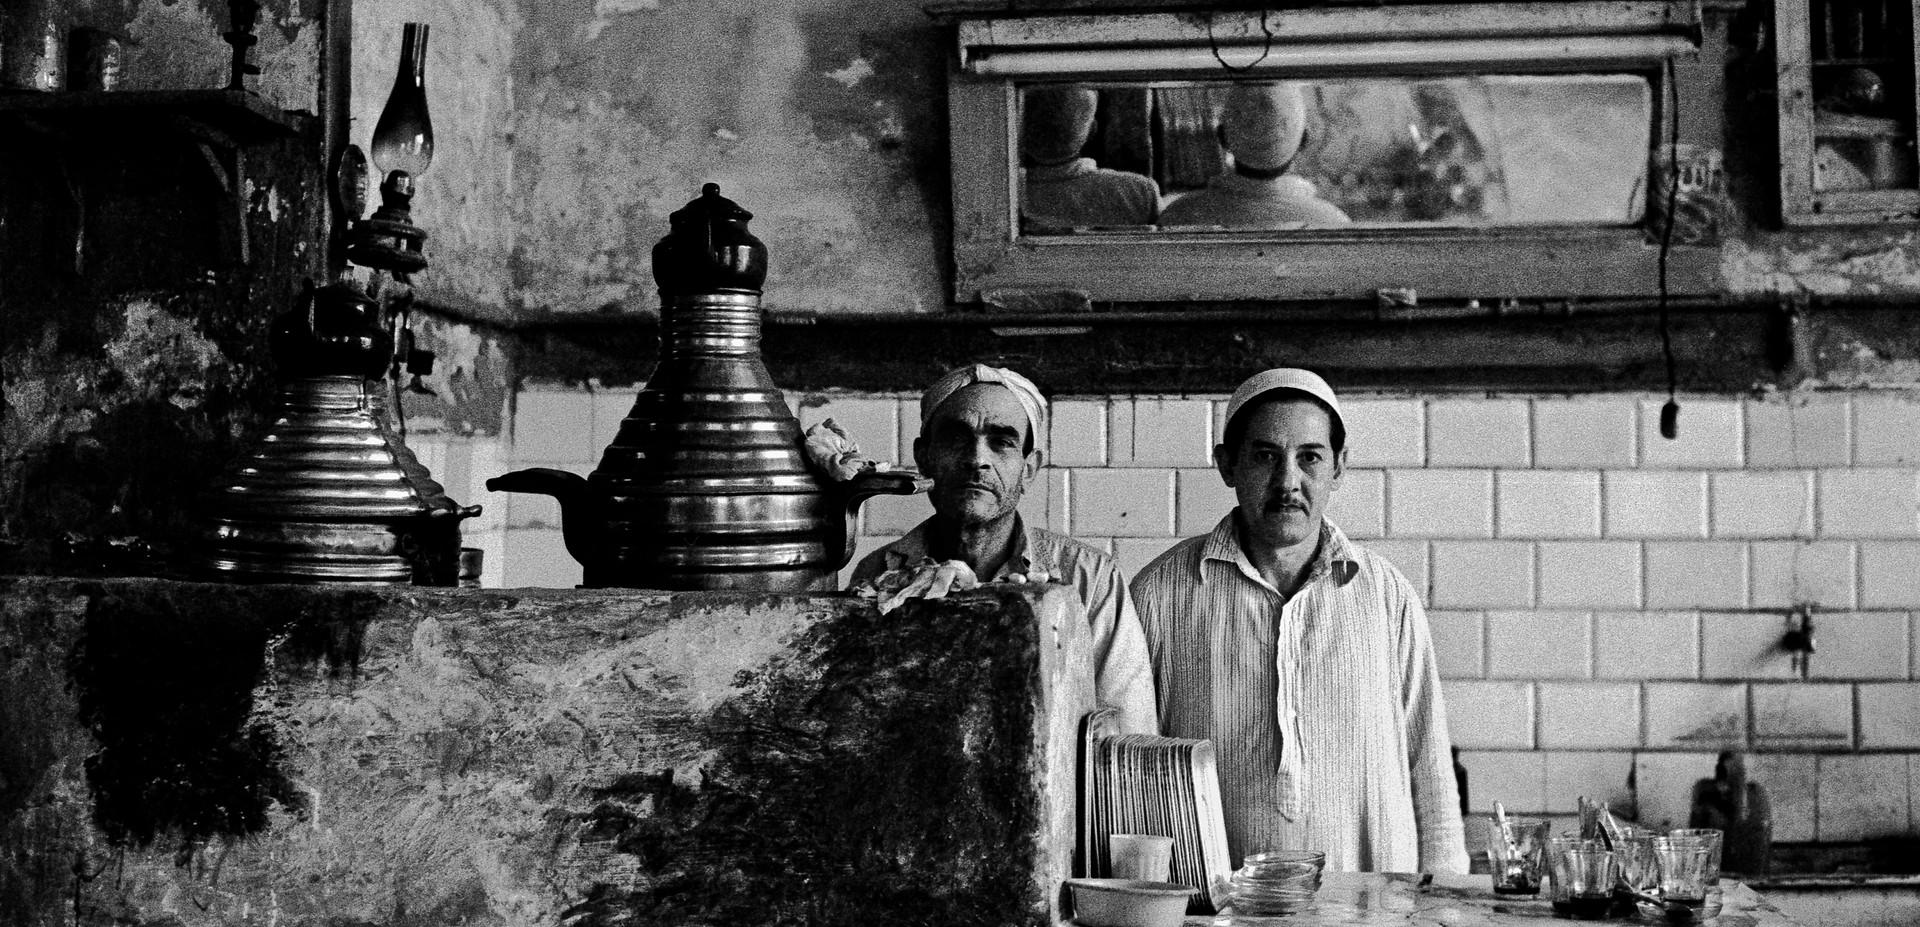 Rashid, Egypt 1980